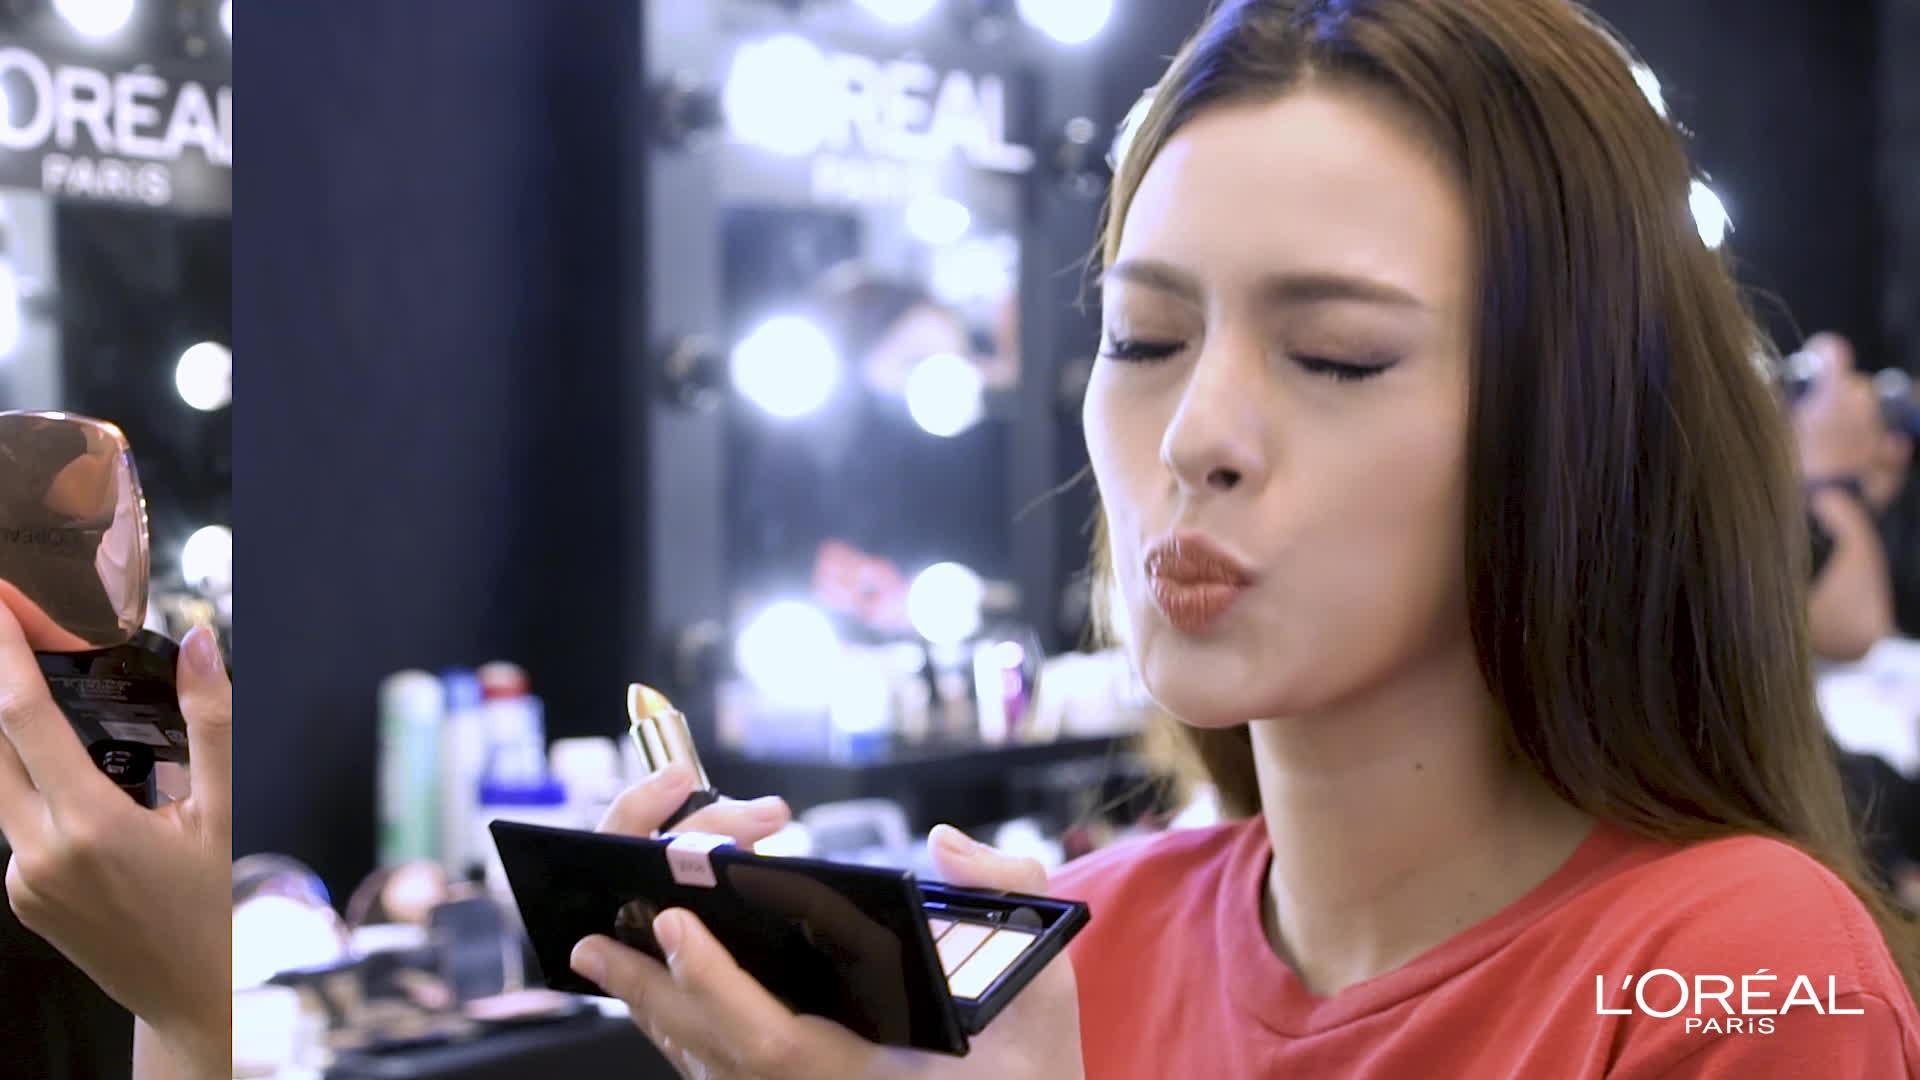 Tú Hảo, Phan Ngân, Quỳnh Như,thí sinh nào của The Face sở hữu đôi môi nhũ vàng lấp lánh khiến bạn ấn tượng nhất?